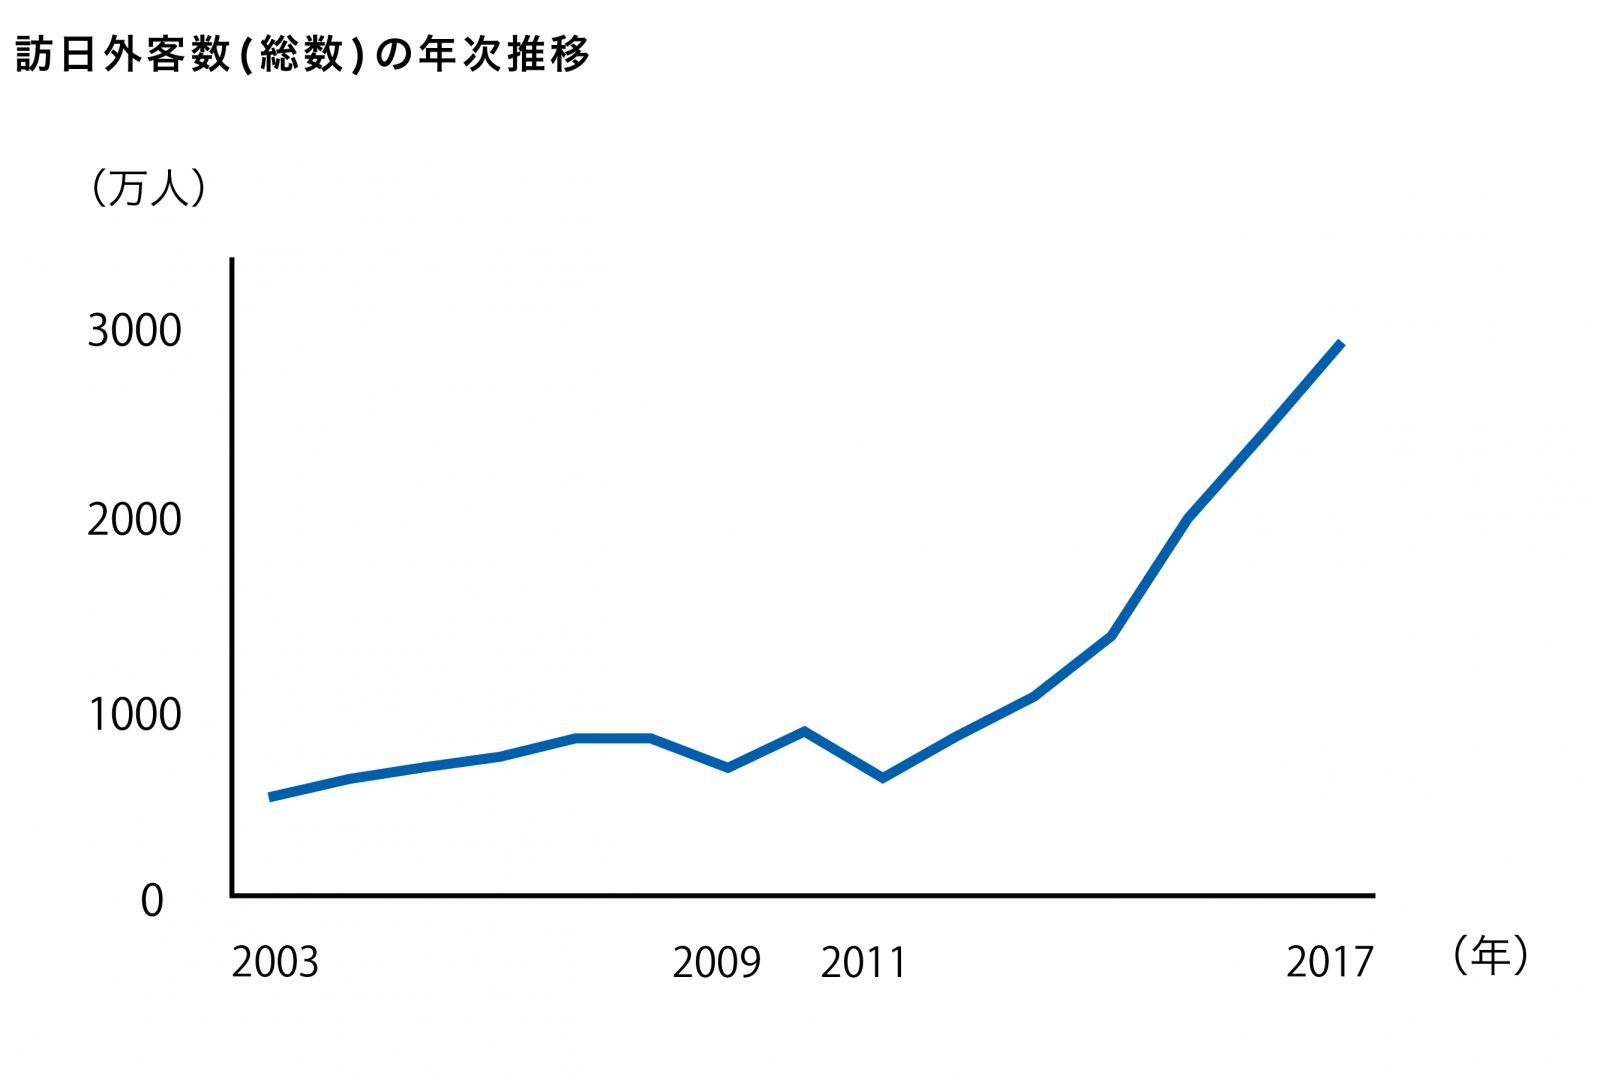 訪日外客数(総数)の年次推移。2003年頃から20011年頃までの訪日外客数(総数)は約1000万人以下。2011年頃から2017年頃にかけて3000万人近くにまで上昇